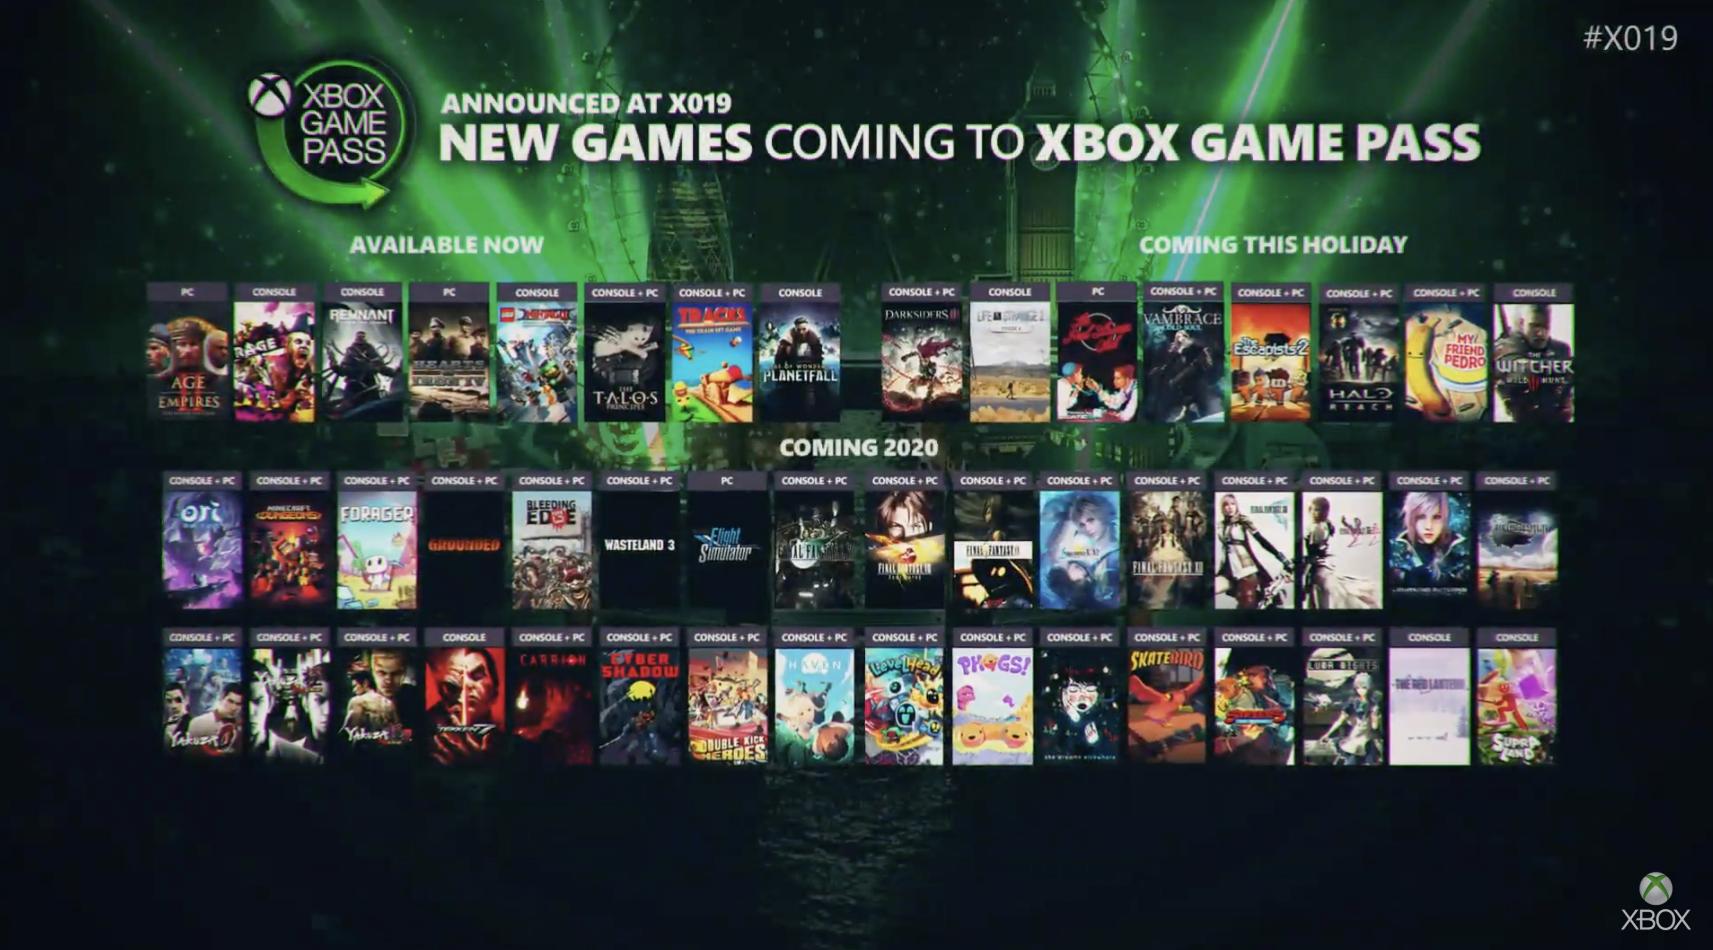 x019-game-pass-nouveaux-jeux